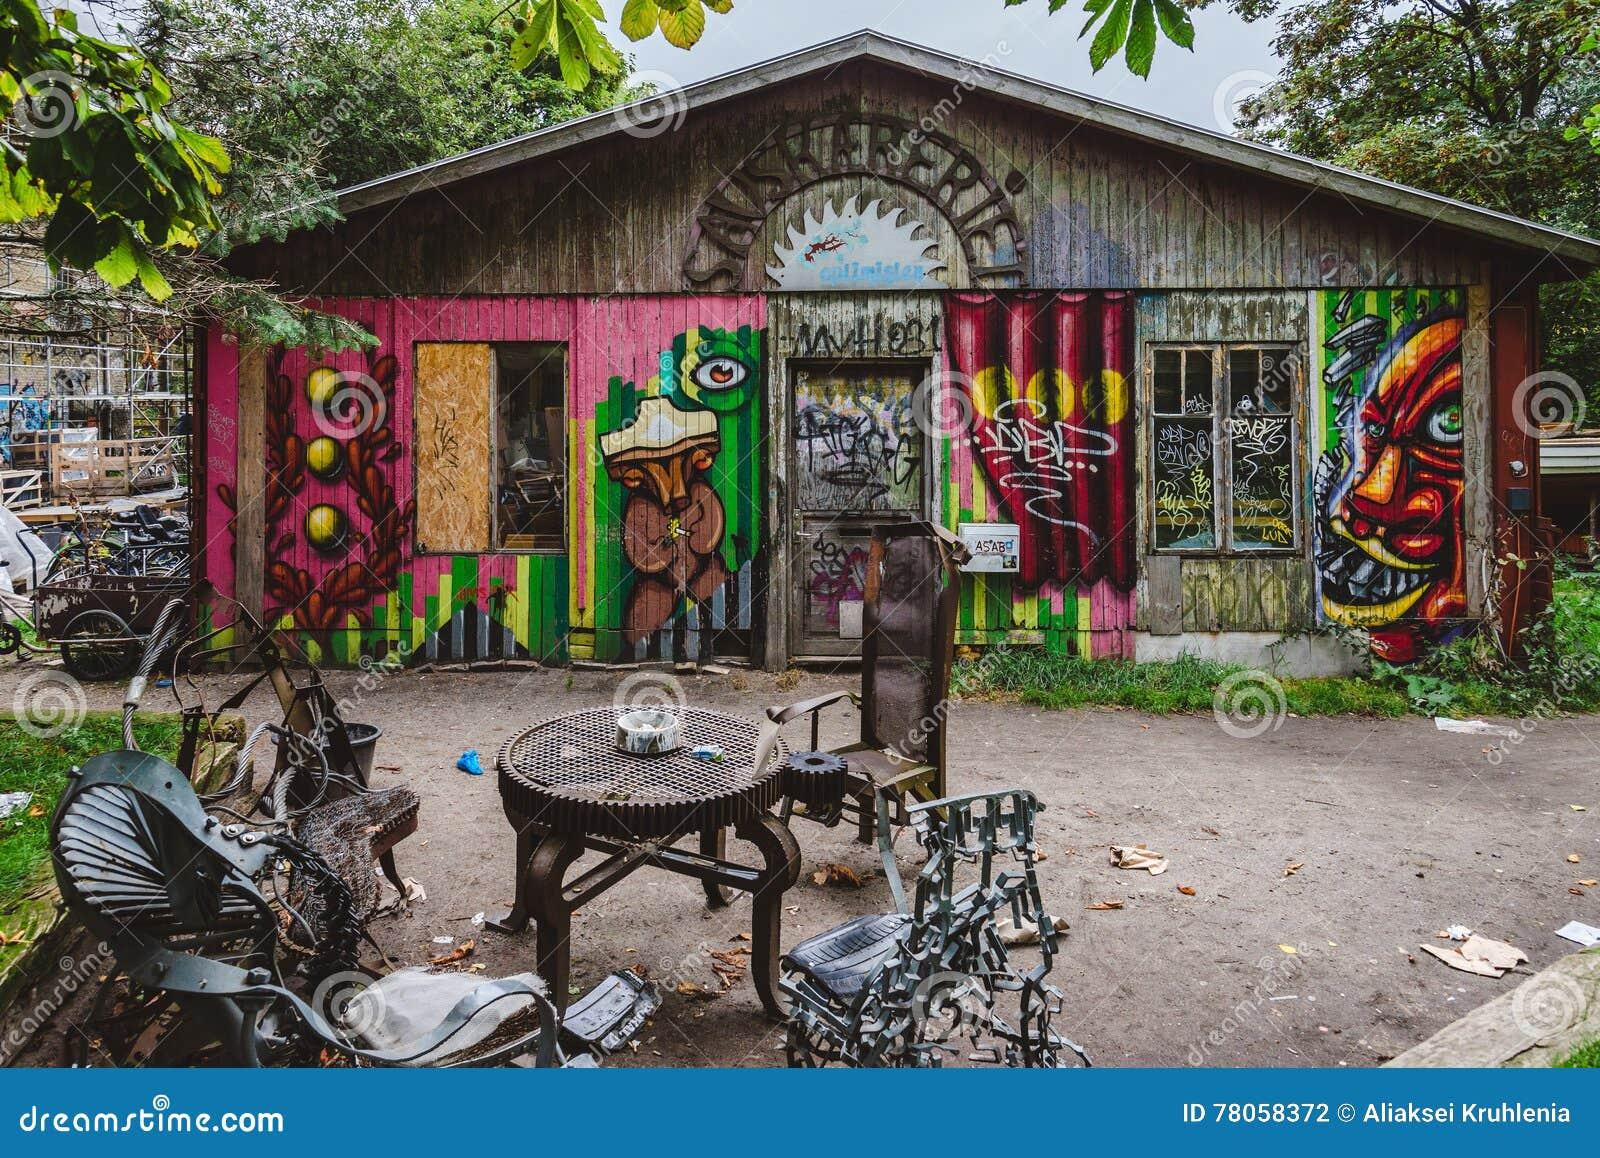 Graffiti in Christiania District in Copenhagen